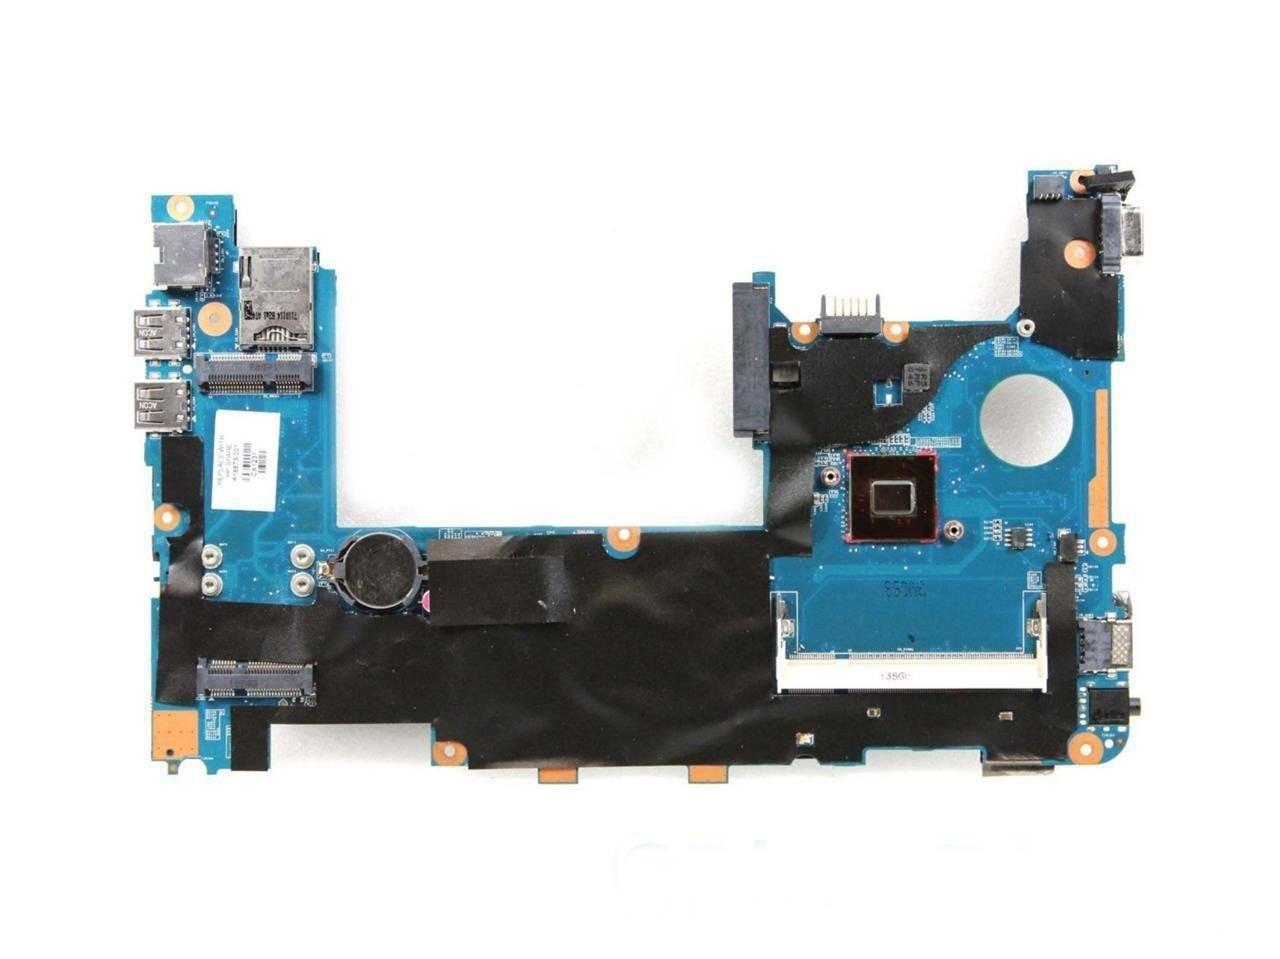 New HP Mini 110-3000 Laptop Motherboard Mainboard Logicboard 618873-001